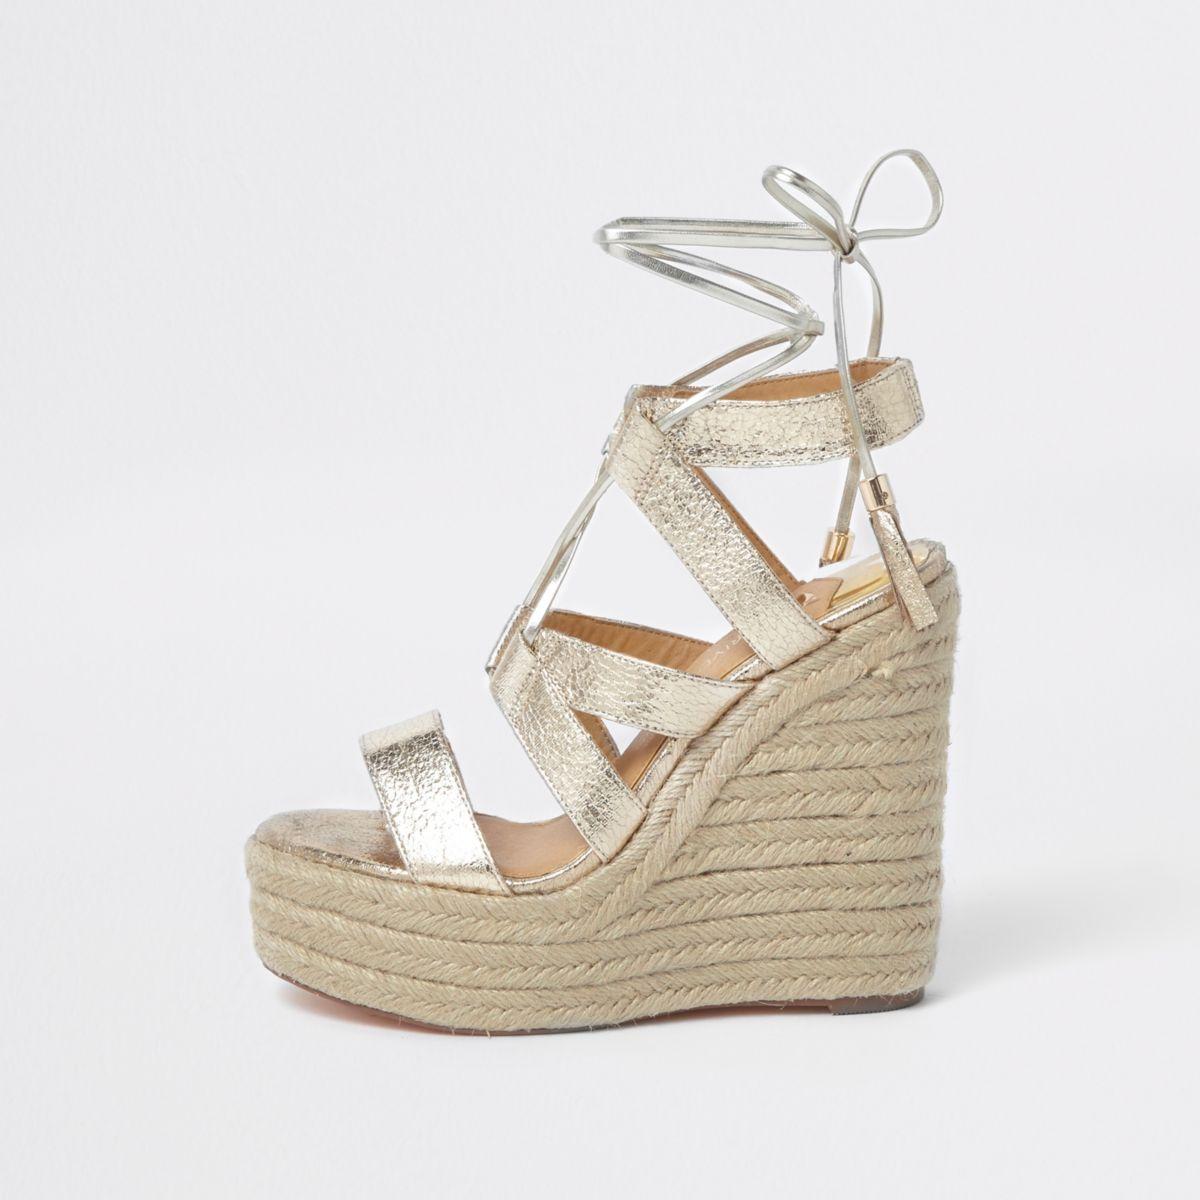 River Island Chaussures compensées fa?on espadrilles métallisé à lacets